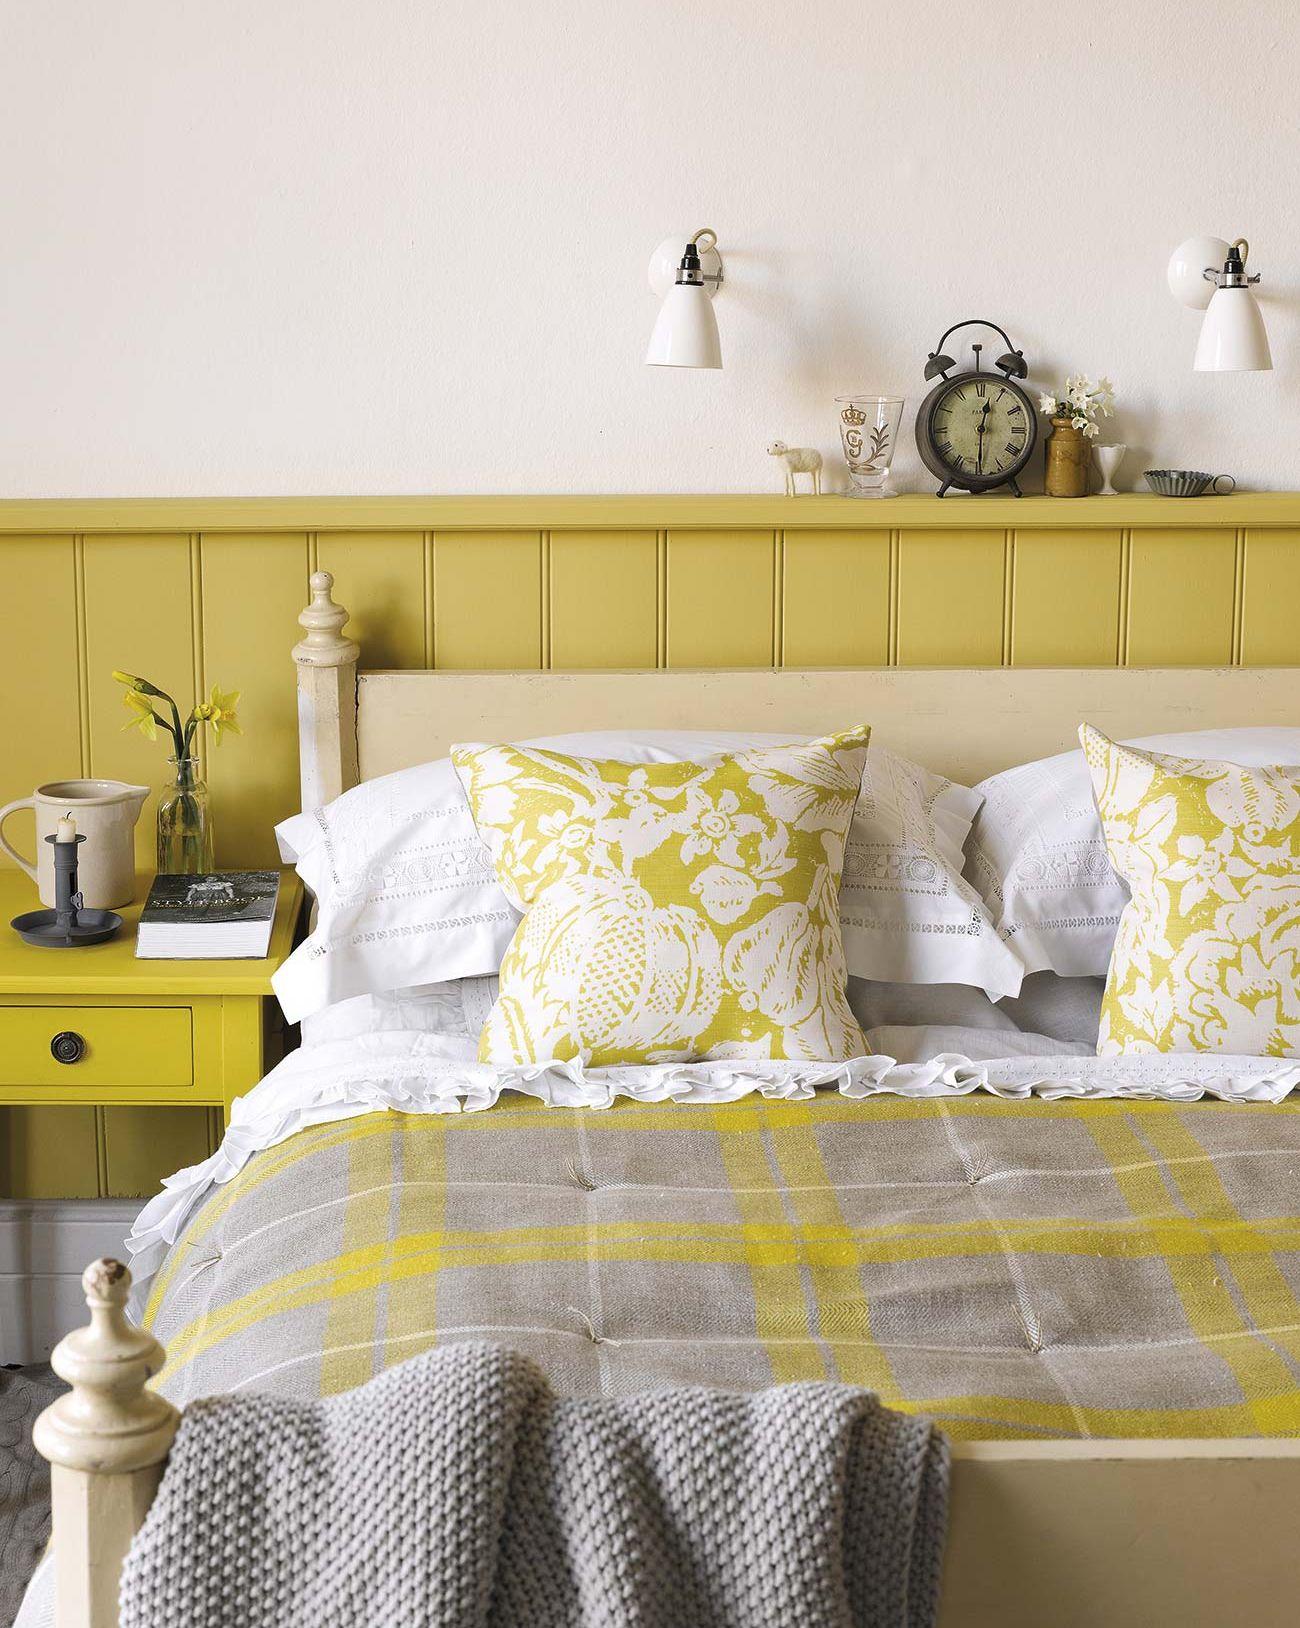 Copia el estilo: un dormitorio en amarillo y mostaza